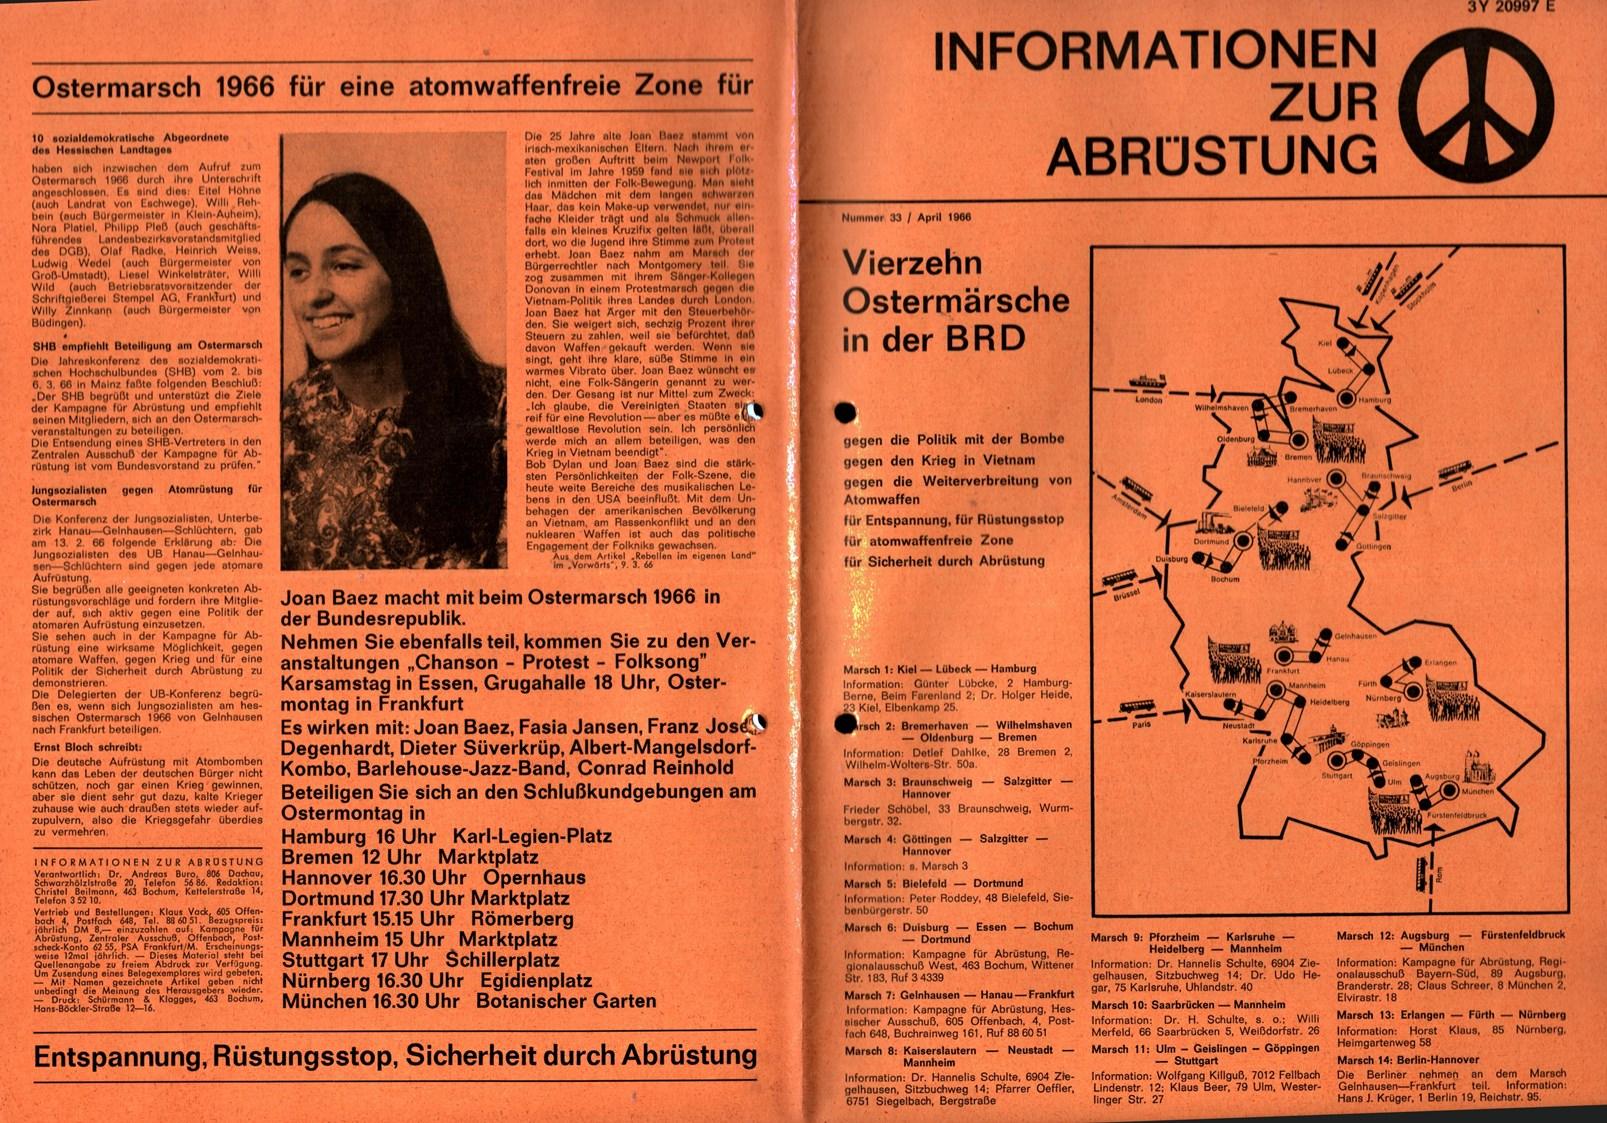 Infos_zur_Abruestung_1966_033_001